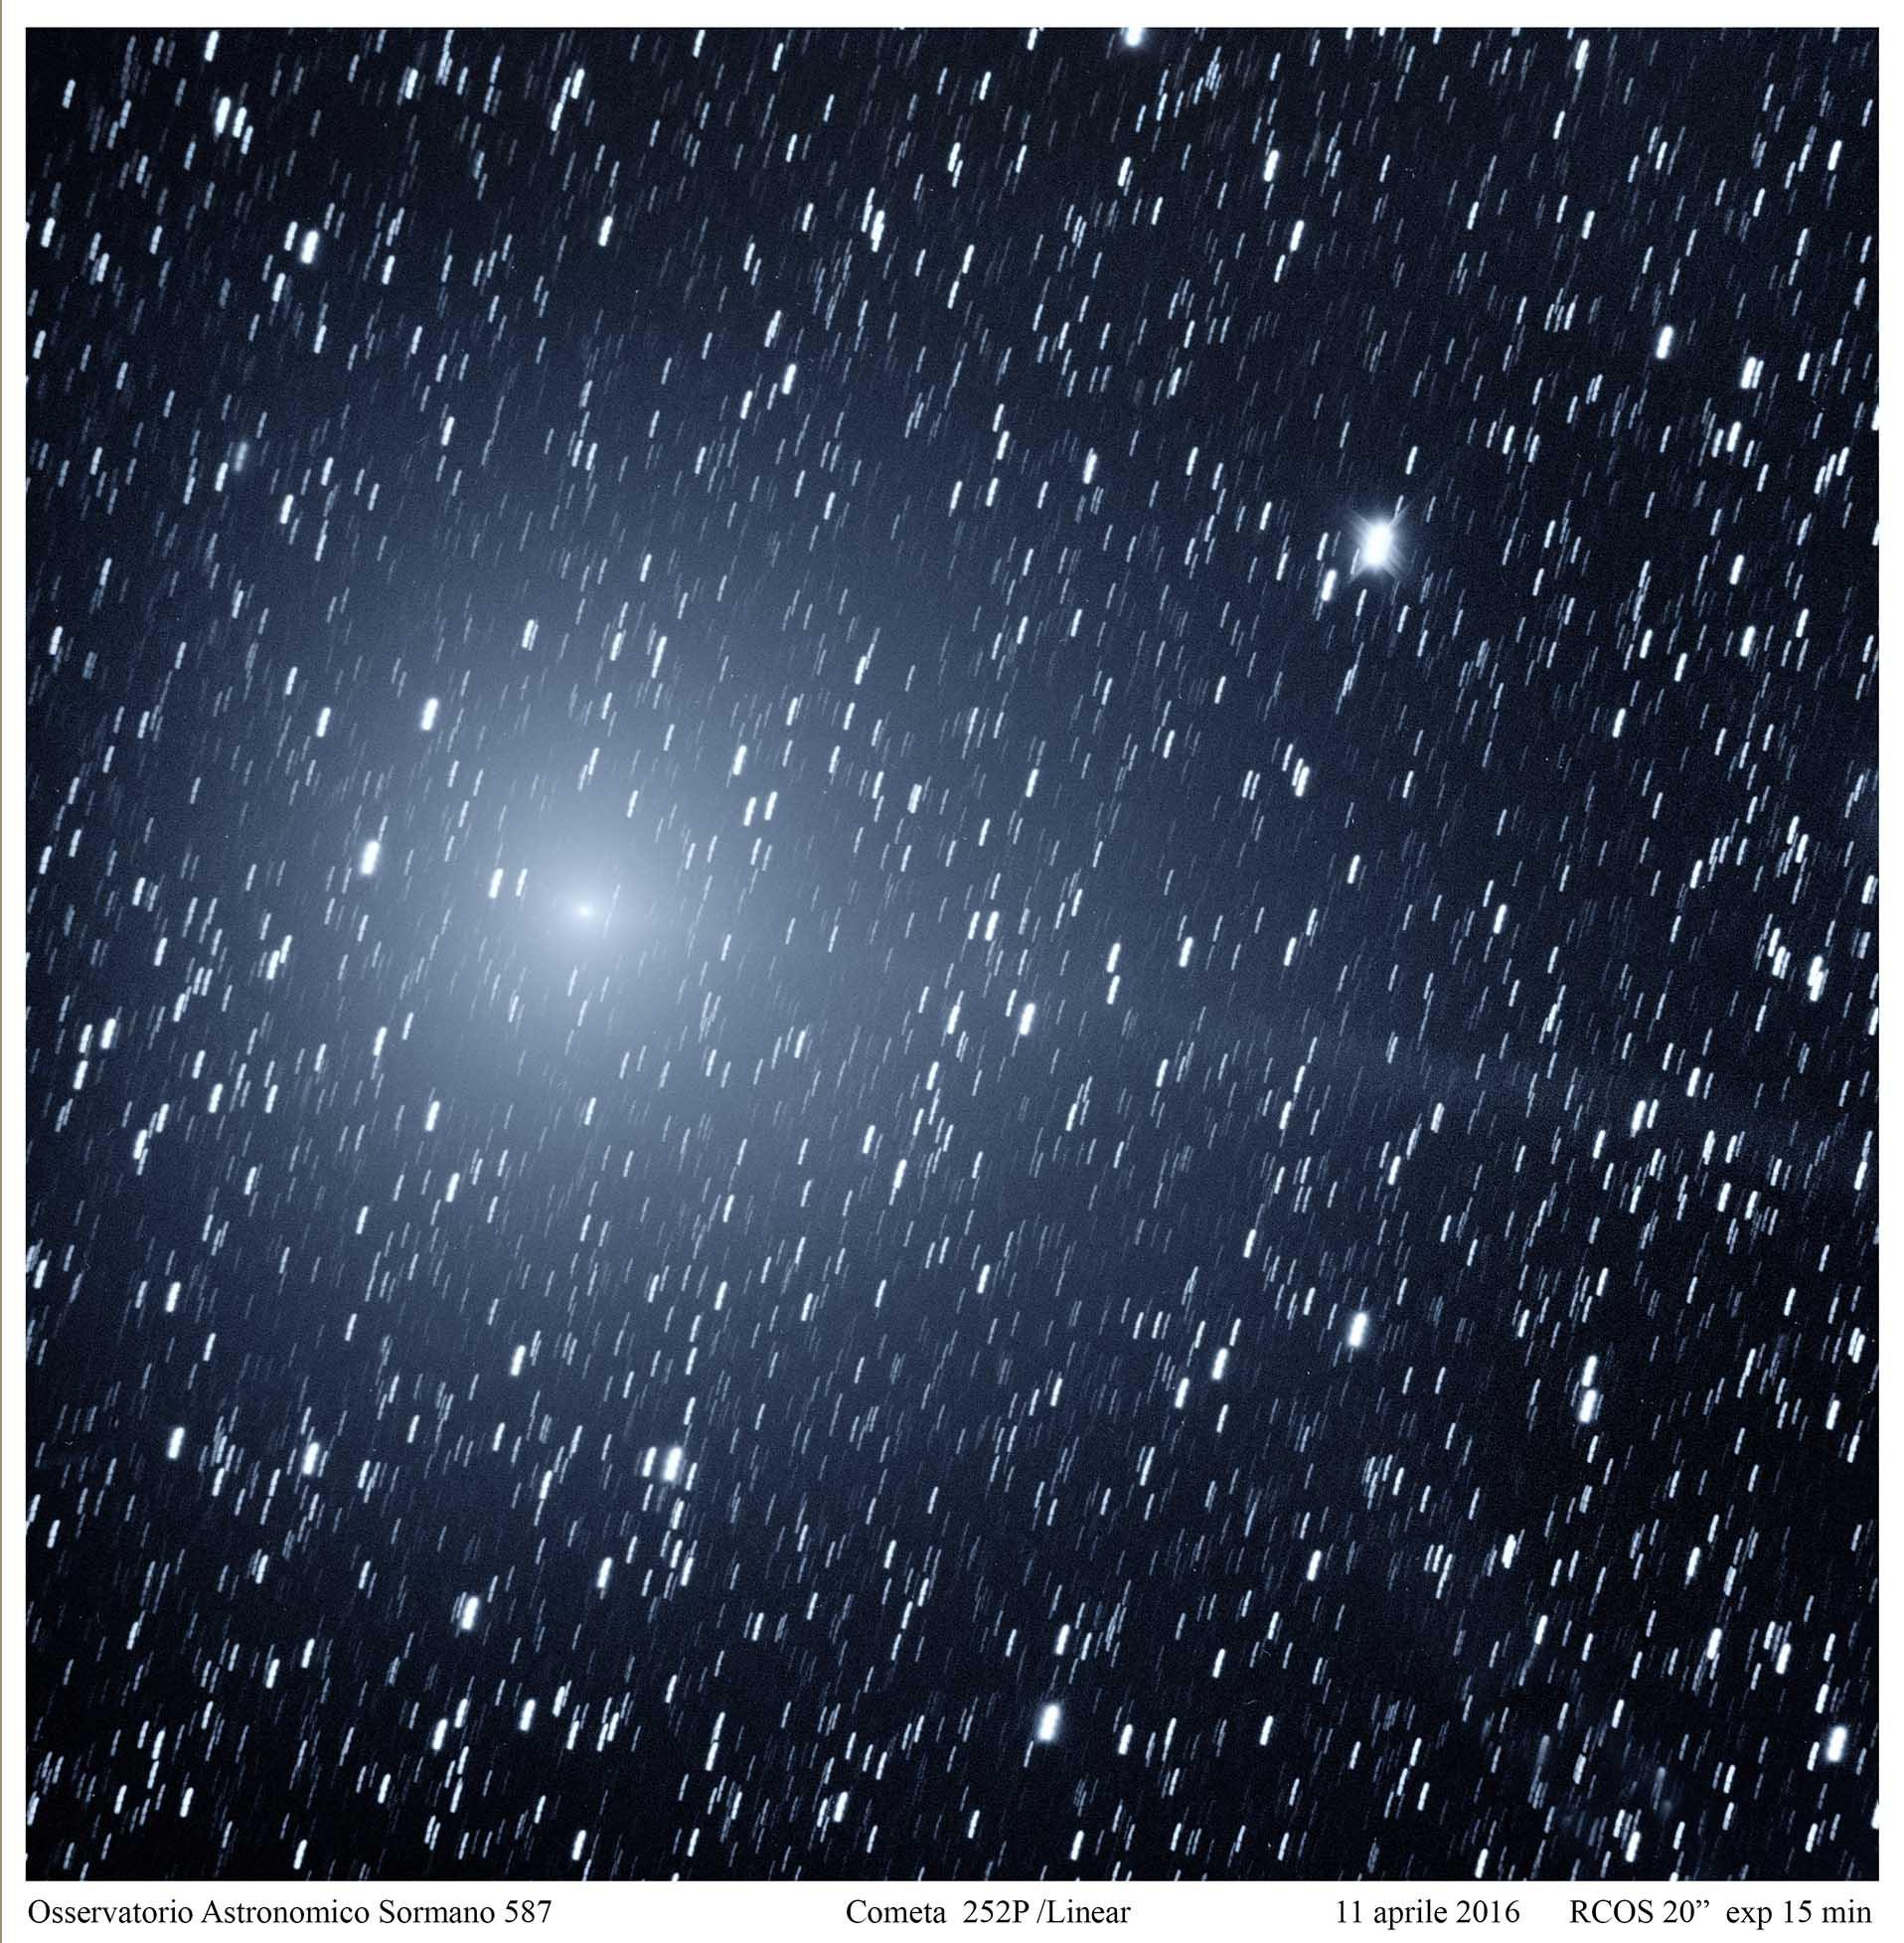 Cometa 252P LINEAR